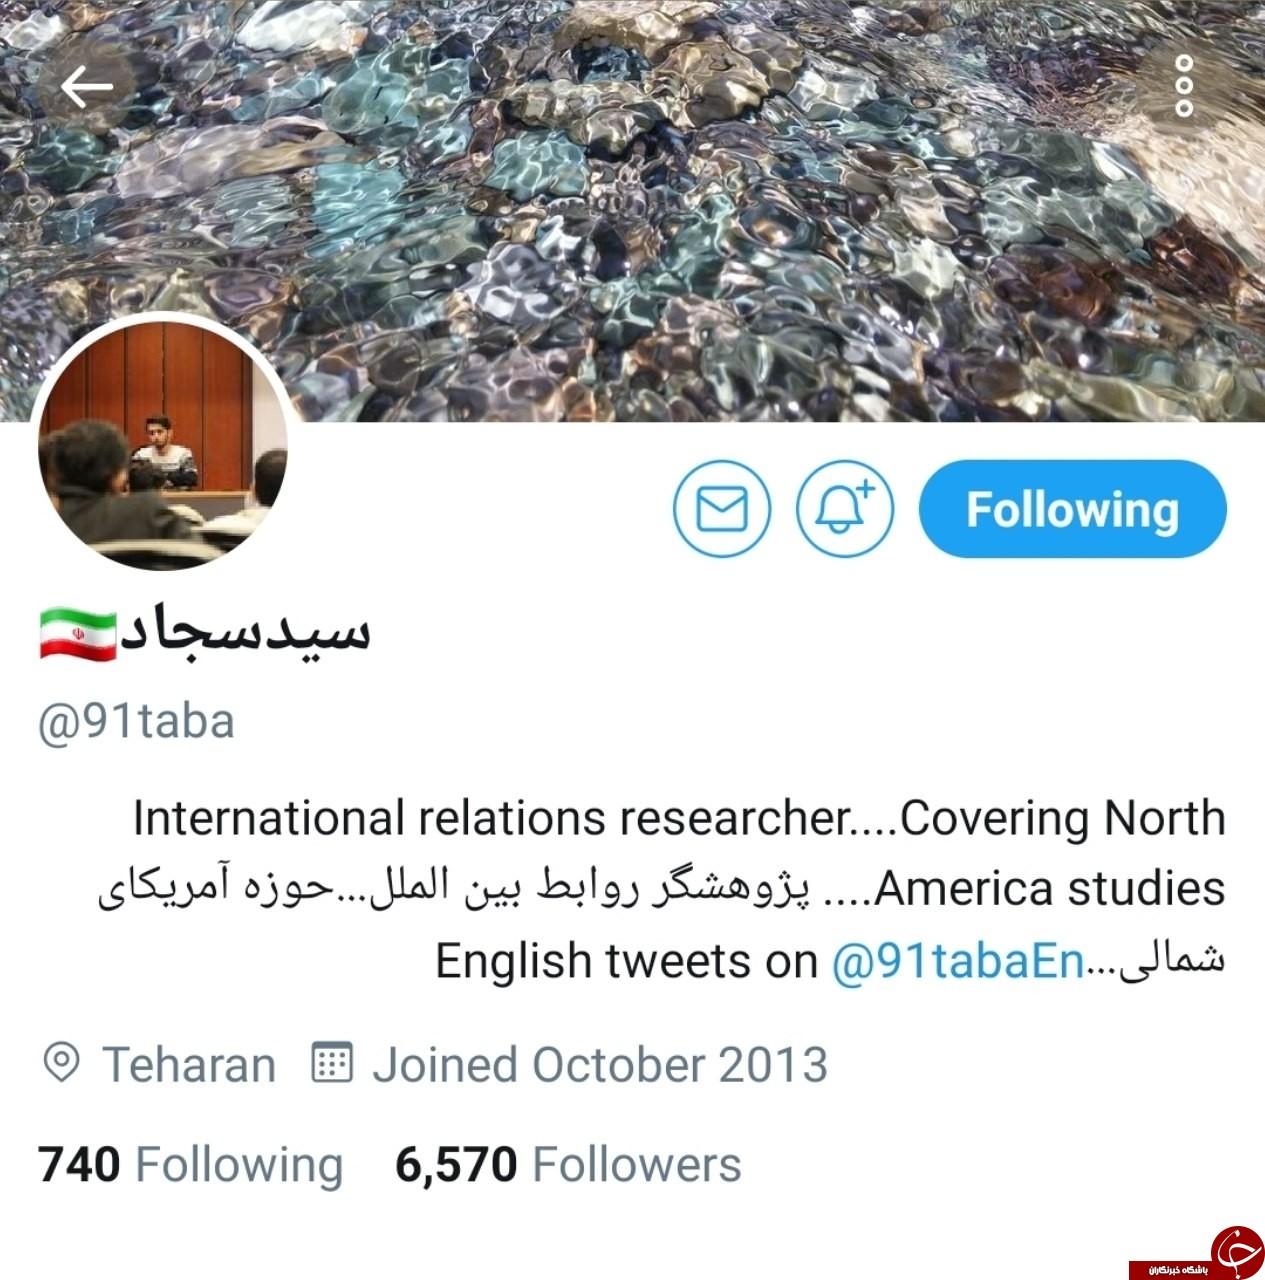 گفتگو با حسابهای کاربری که توسط توییتر مسدود شدند/ زاکانی:ممیزی کردن افکار و تلاش برای انسداد افکار مخالفین خلاف قاعده مندی توییتر است